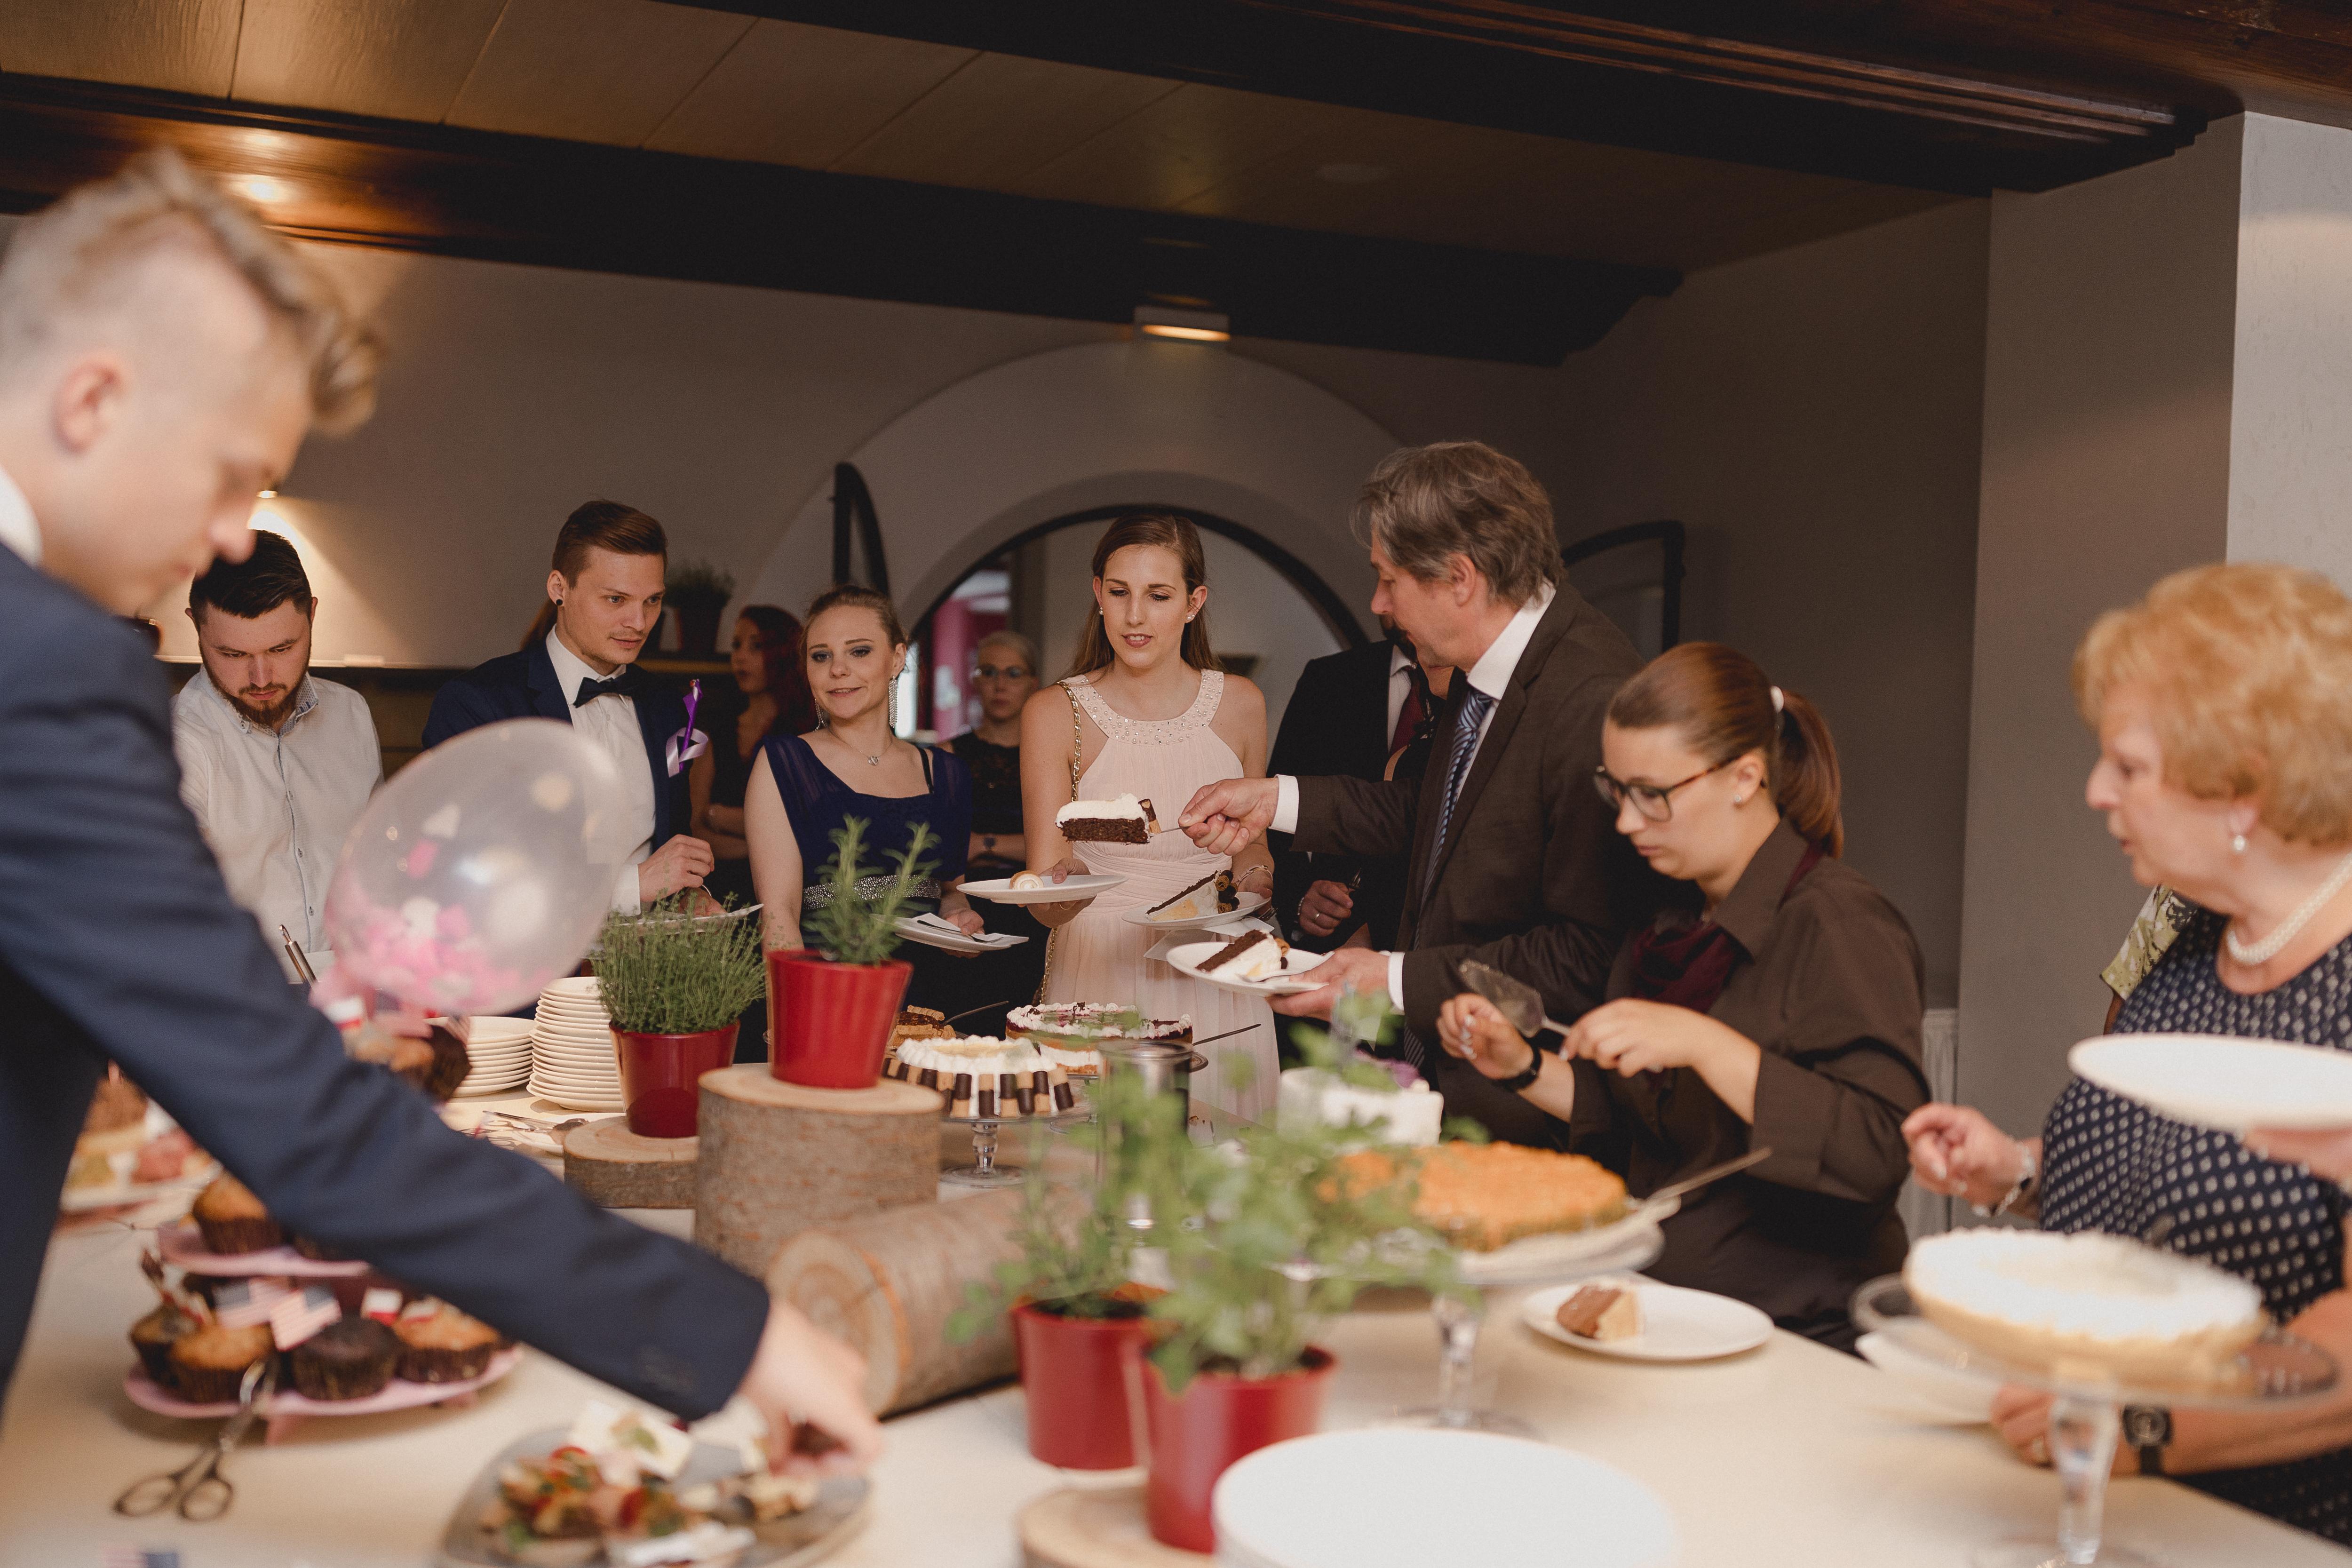 URBANERIE_Daniela_Goth_Vintage_Hochzeitsfotografin_Nuernberg_Fuerth_Erlangen_180519_0786